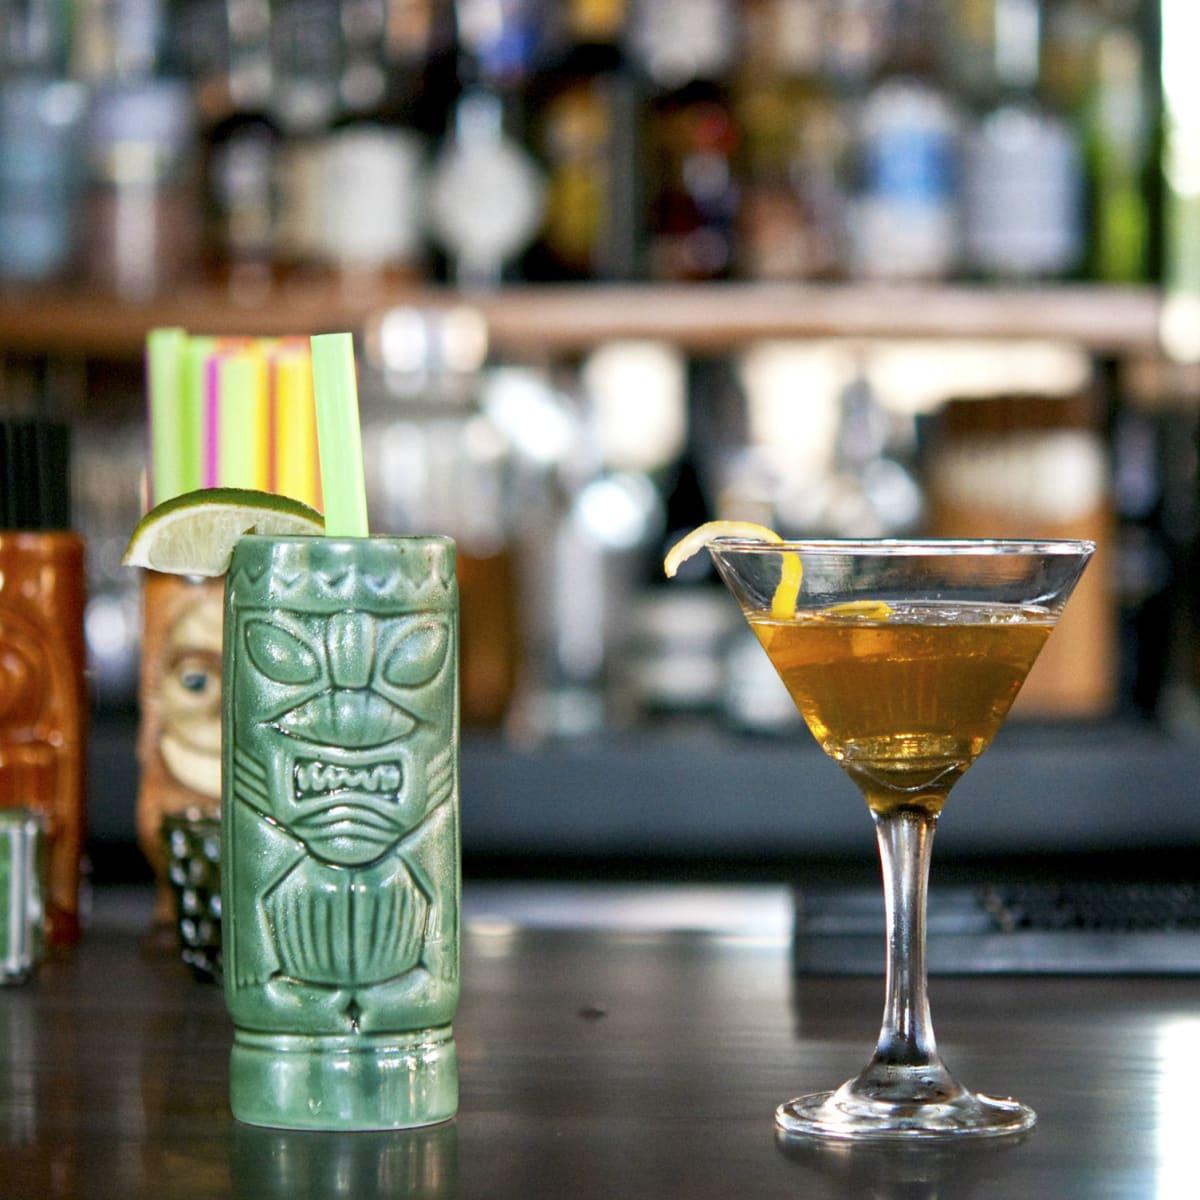 Wu Chow bar